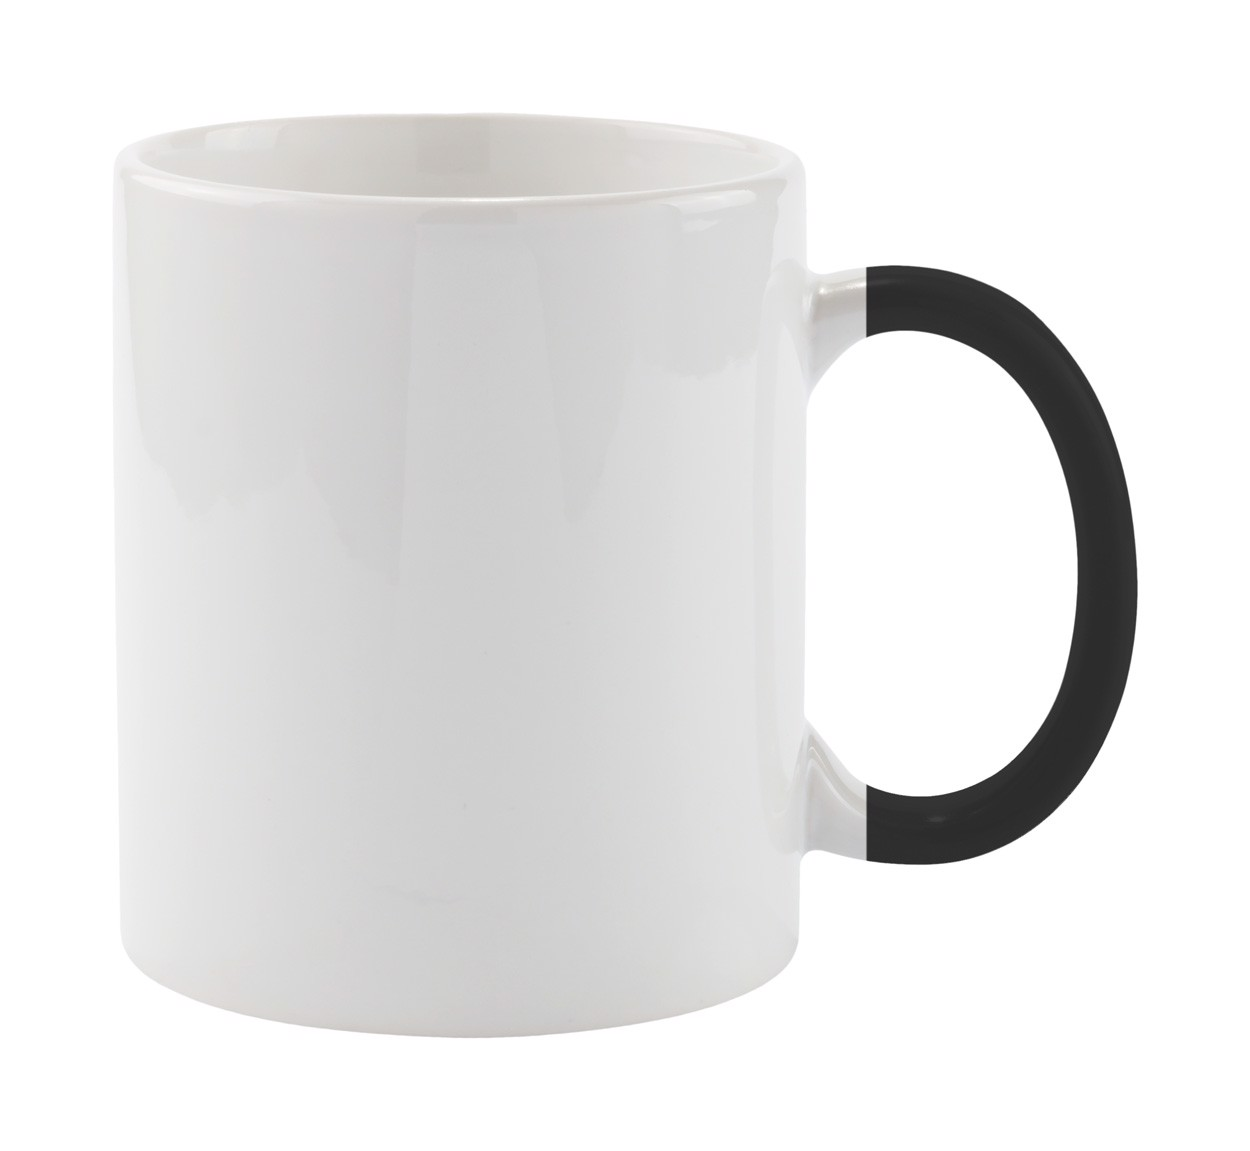 Mug Plesik - White / Black